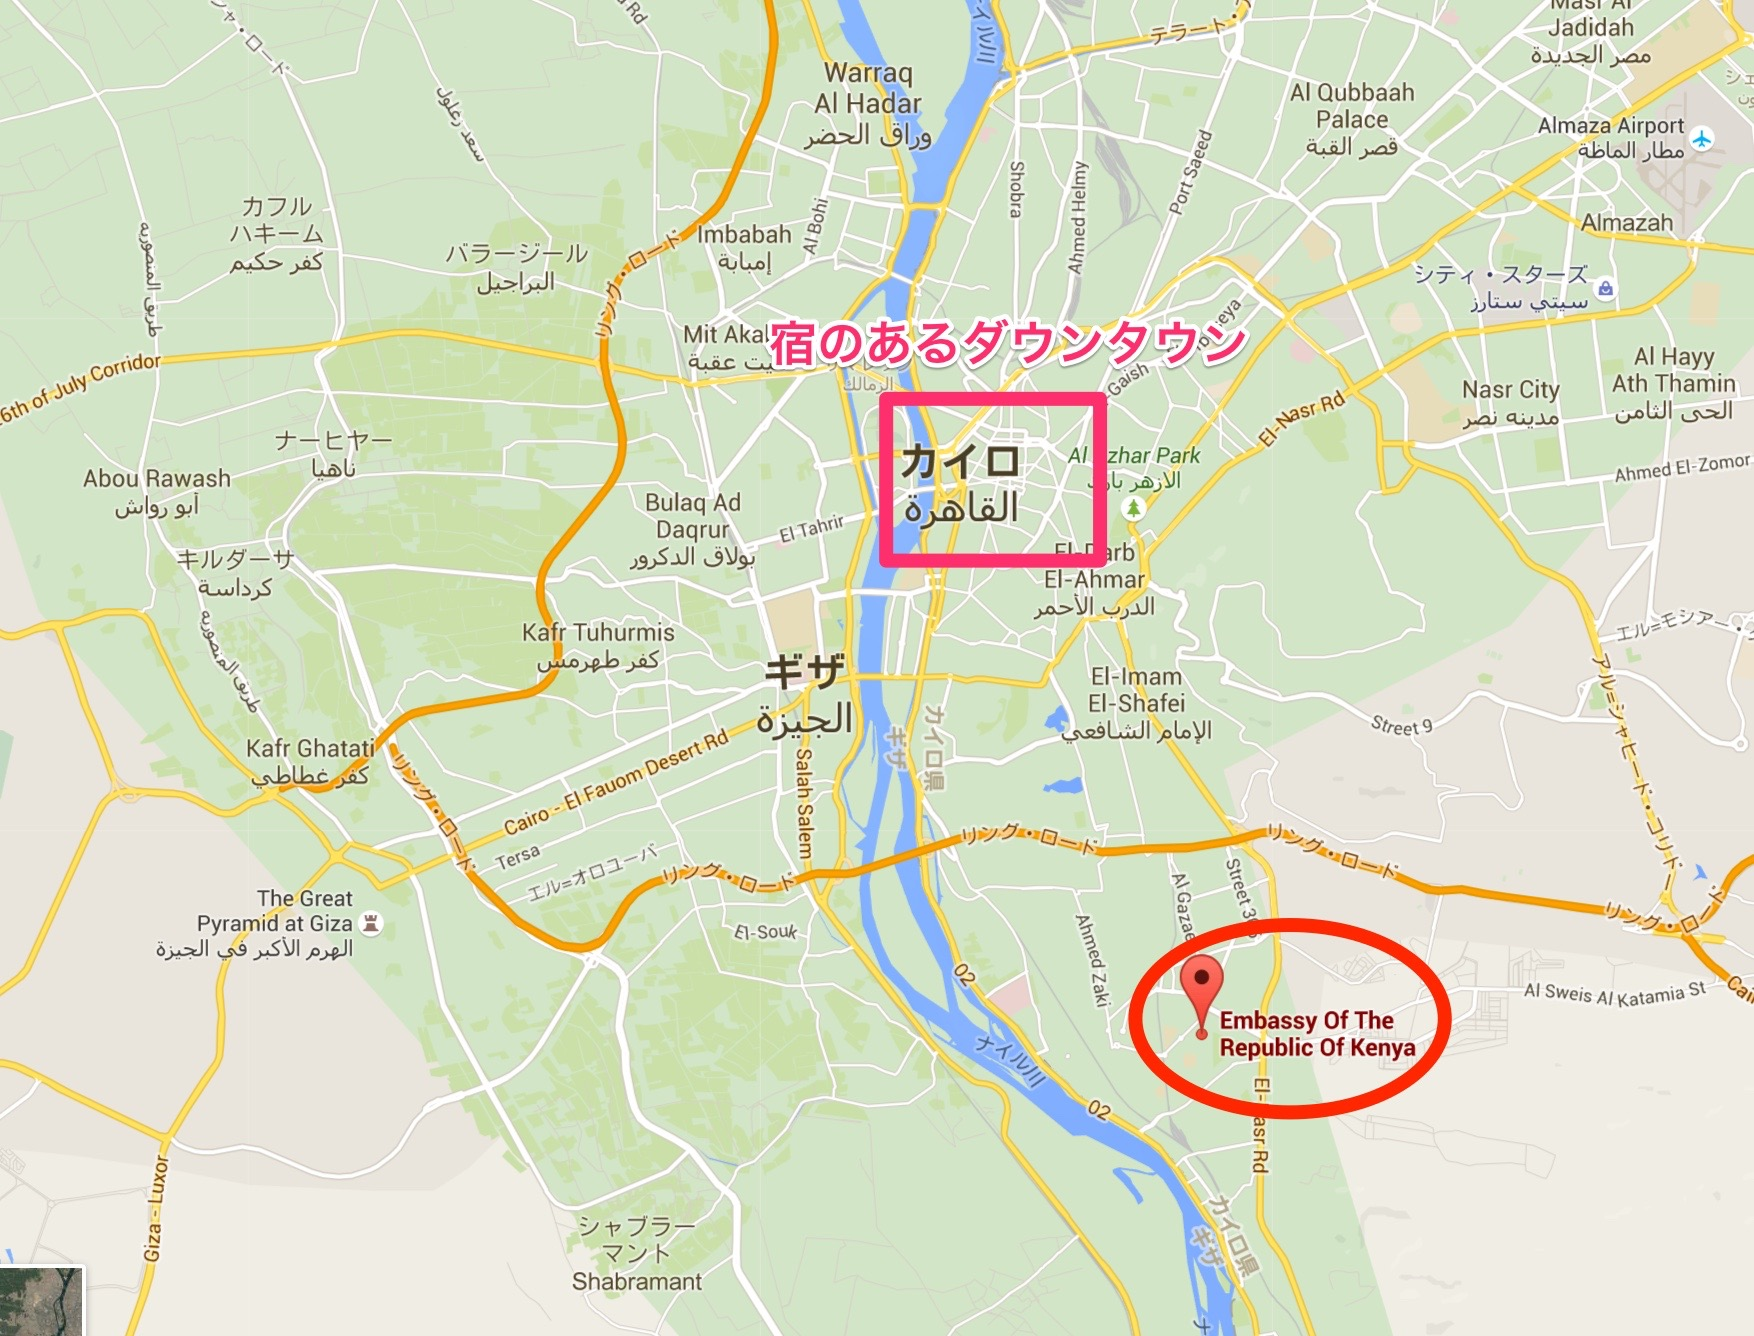 cairo-kenya embassy1